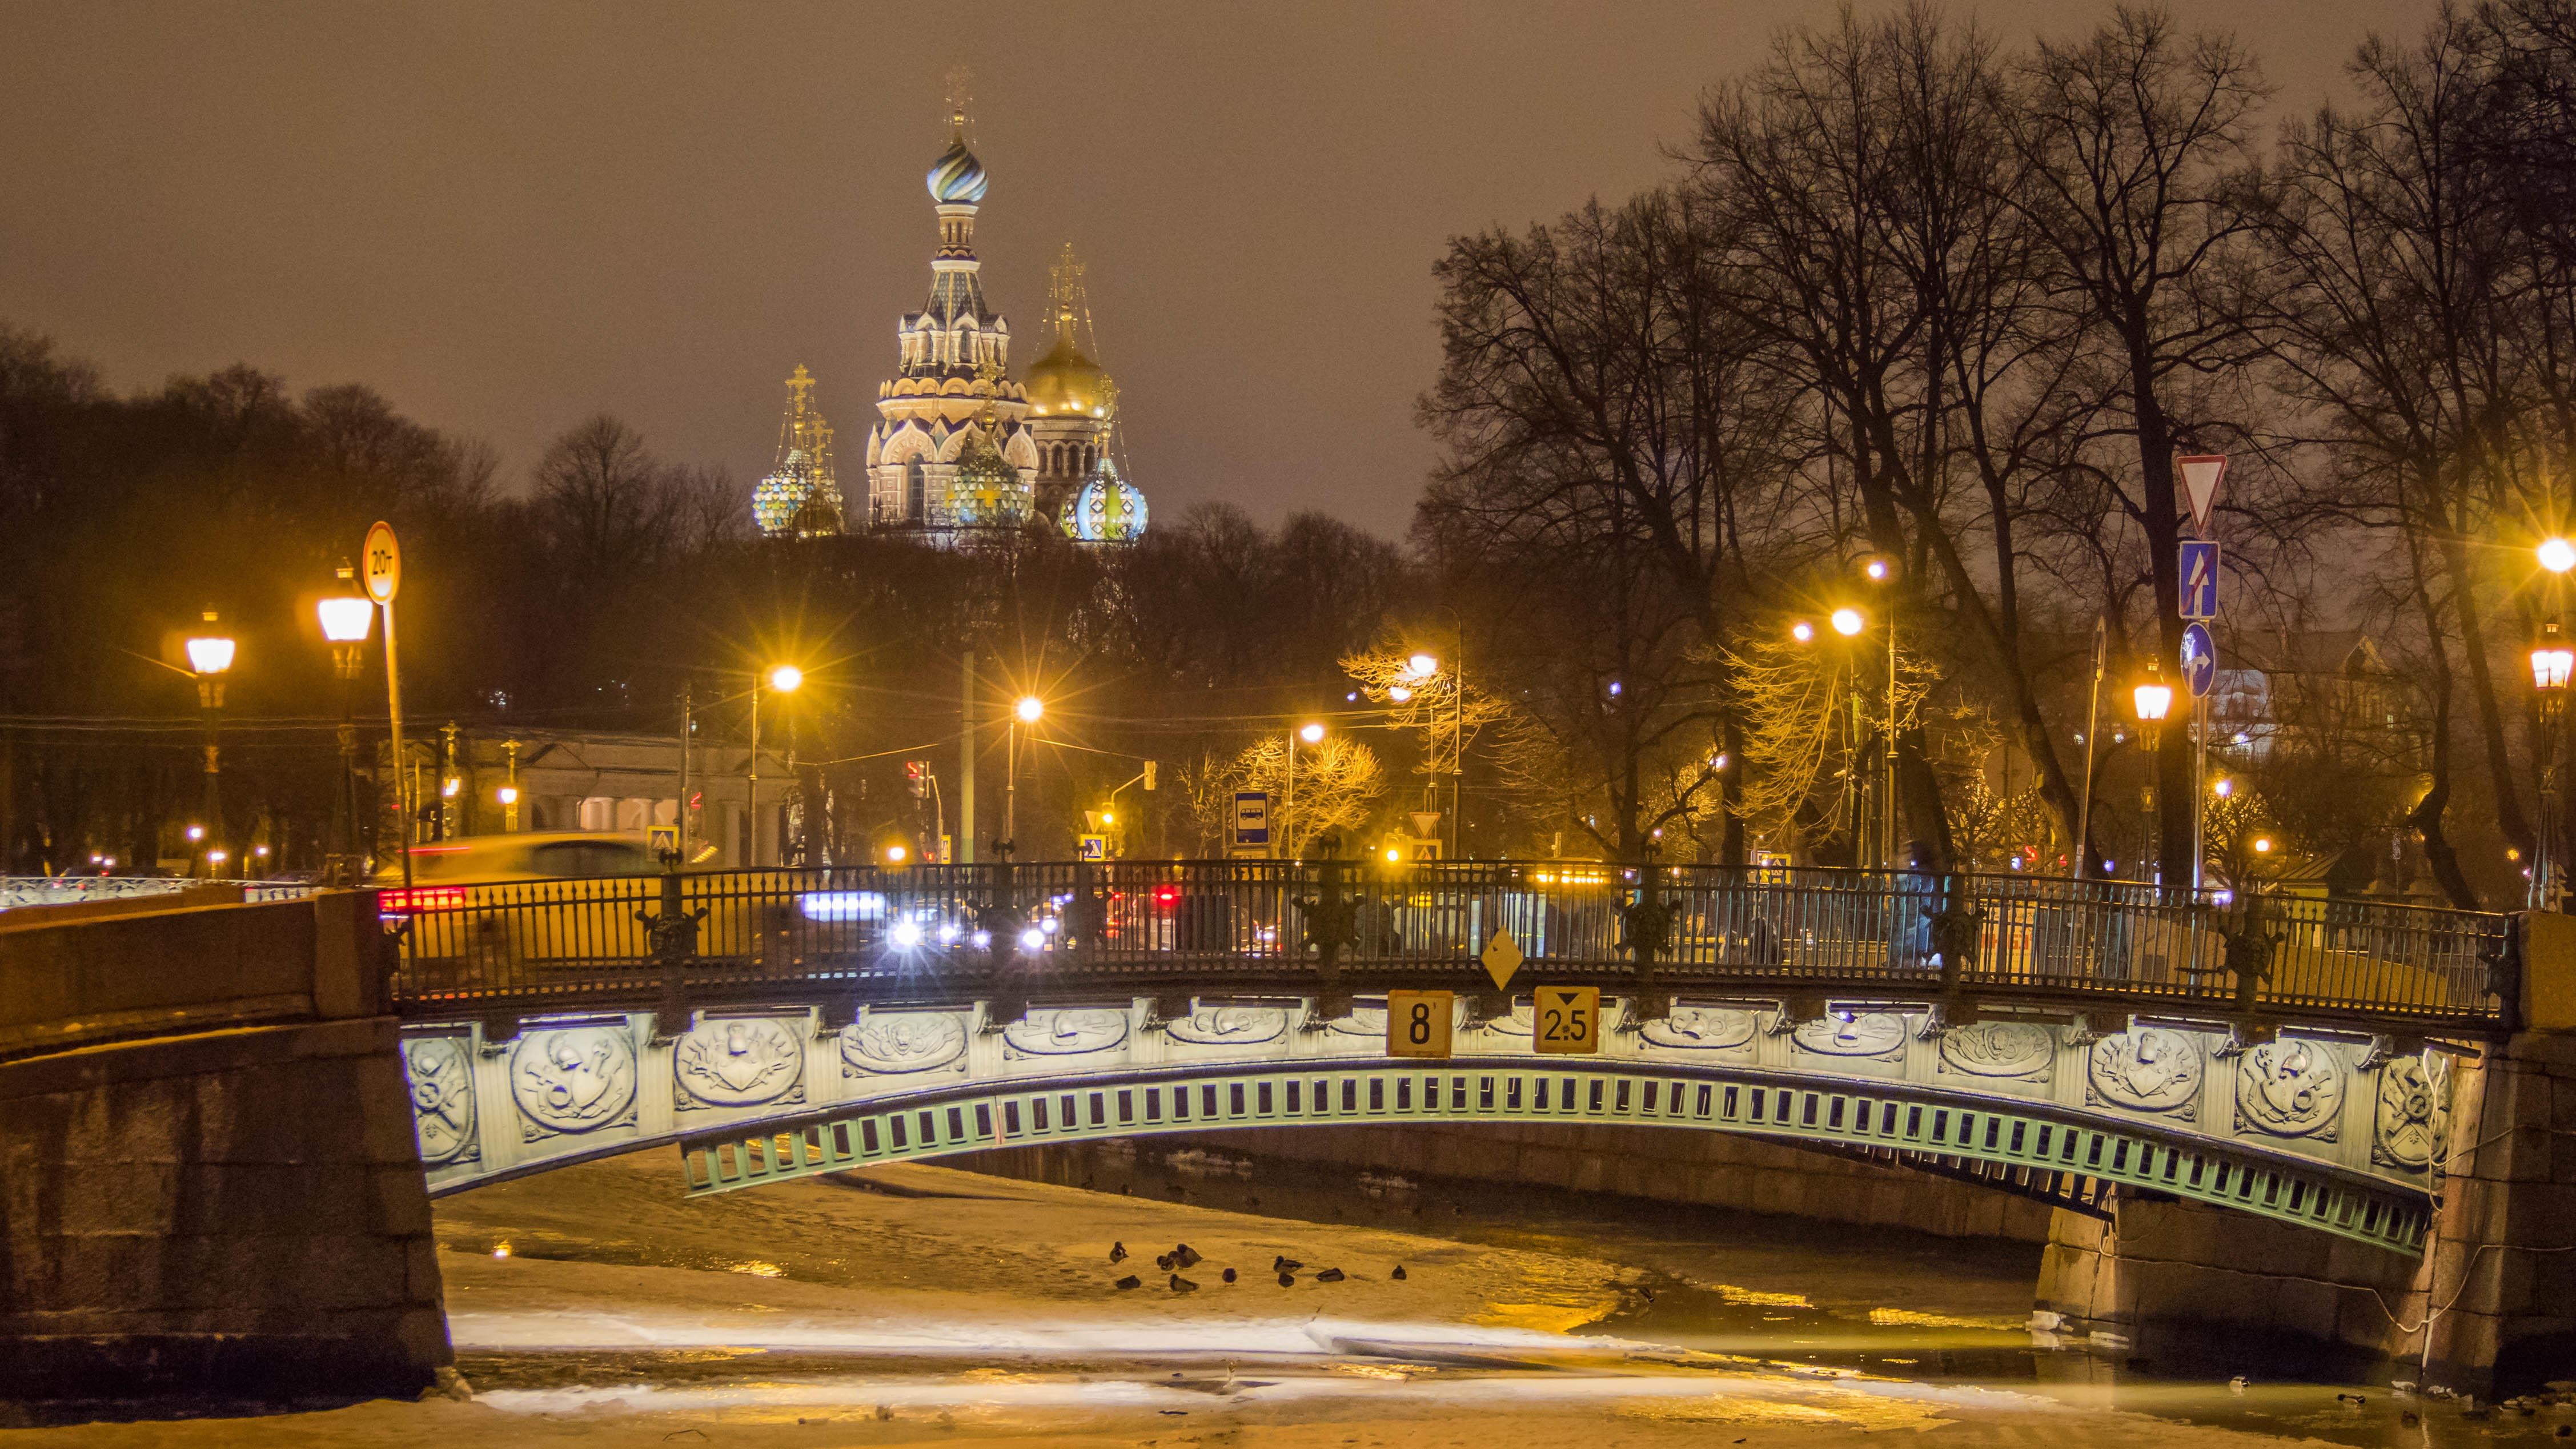 обои Церковь Спаса на крови, Санкт-Петербург картинки фото